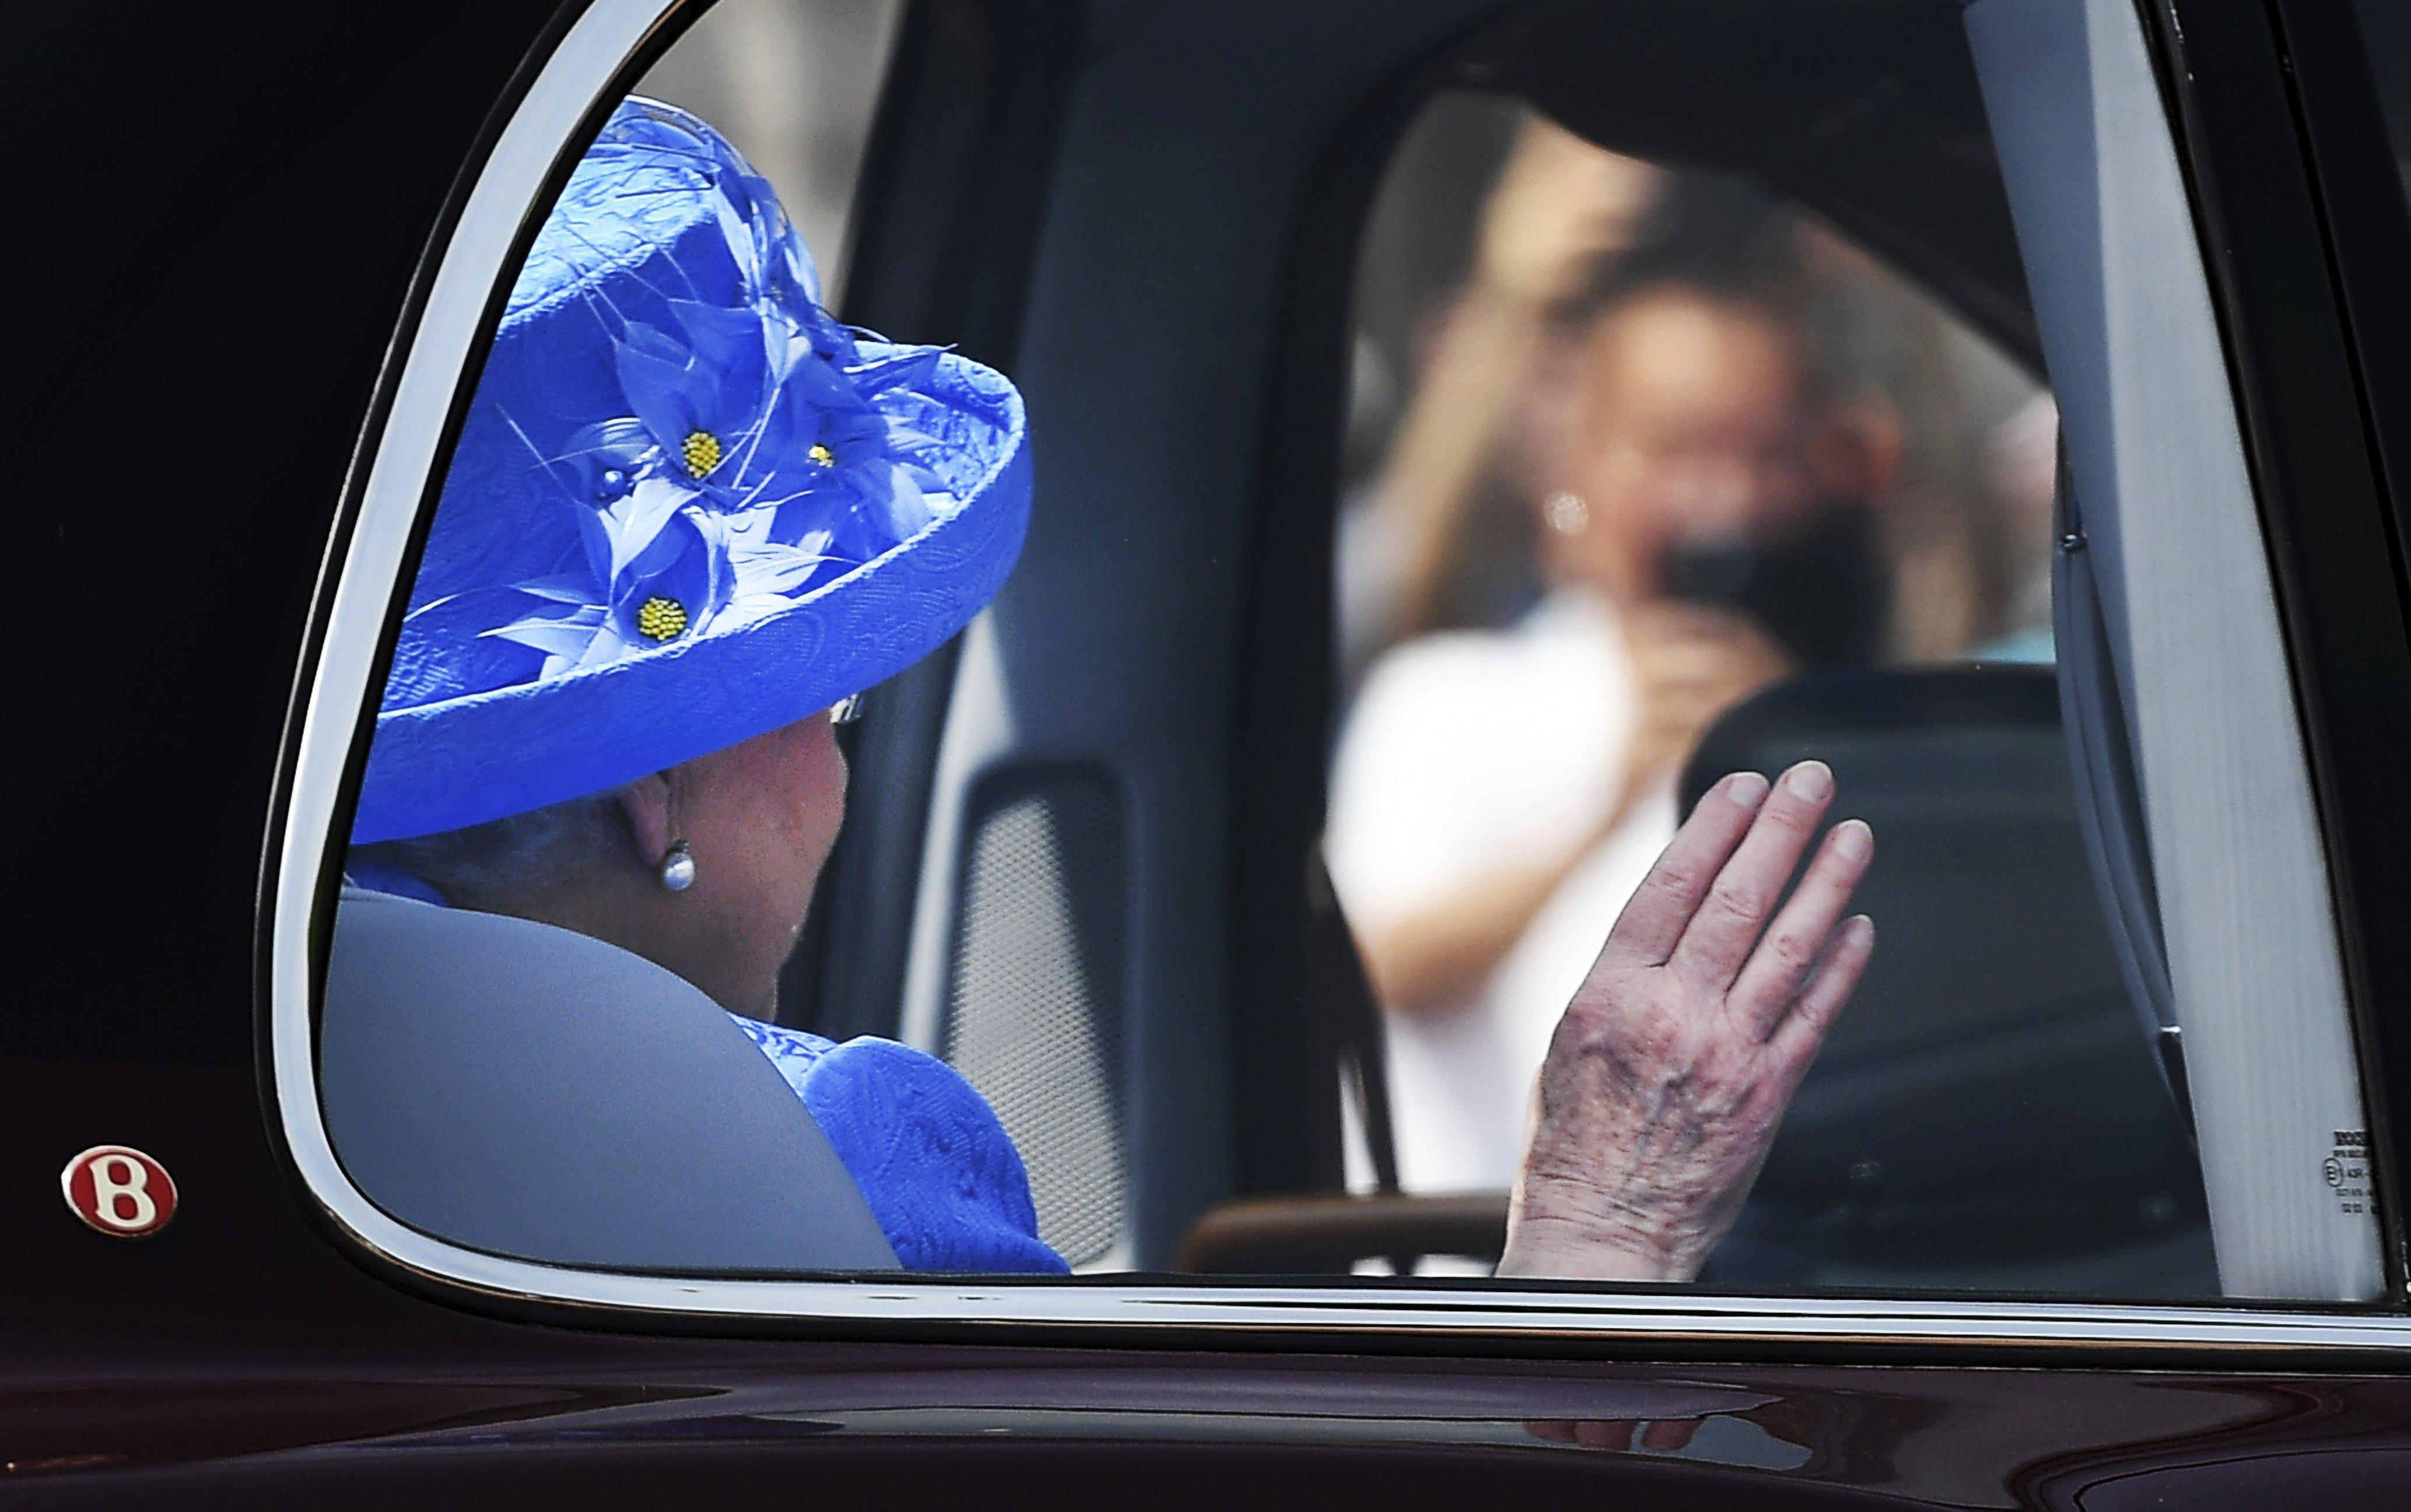 La reina Isabel II saluda en el seu vehicle oficial mentre torna del Parlament, on ha fet la lectura el programa legislatiu del Govern en l'anomenat Discurs de la Reina, a Westminster, Londres (Regne Unit). /ANDY RAIN